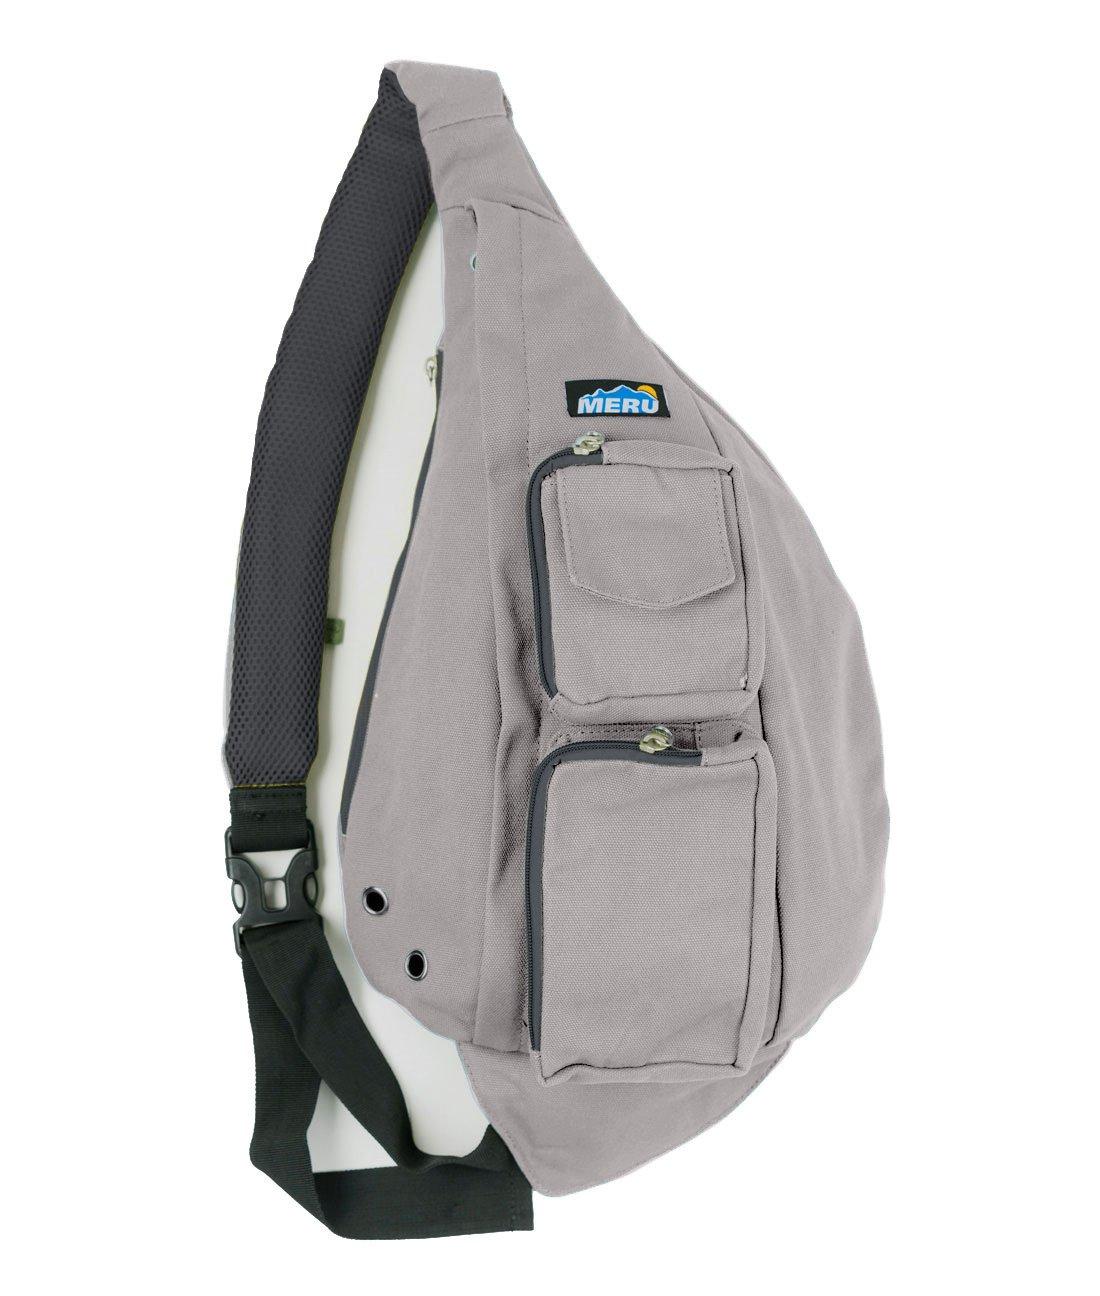 Meru Sling Backpack Bag - Small Single Strap Crossbody Pack for Women and Men (Light Gray)